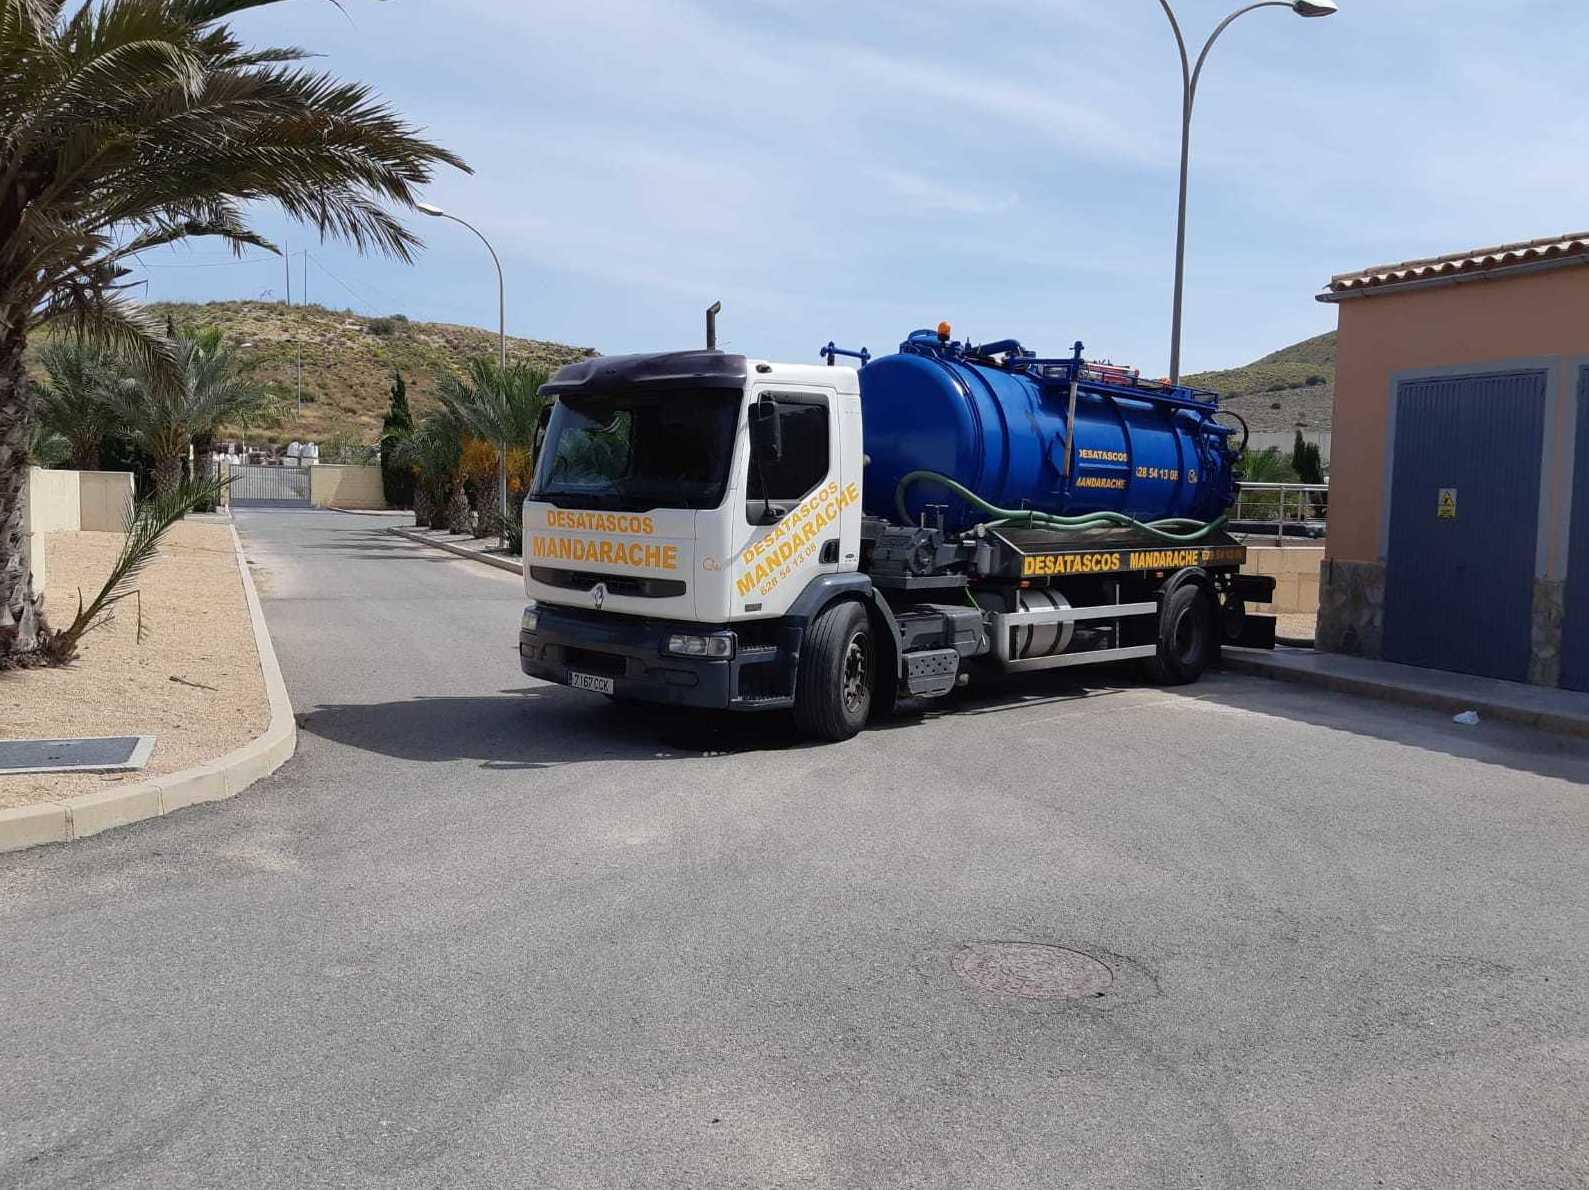 Foto 10 de Desatascos en Cartagena | Desatascos Mandarache, S.L.